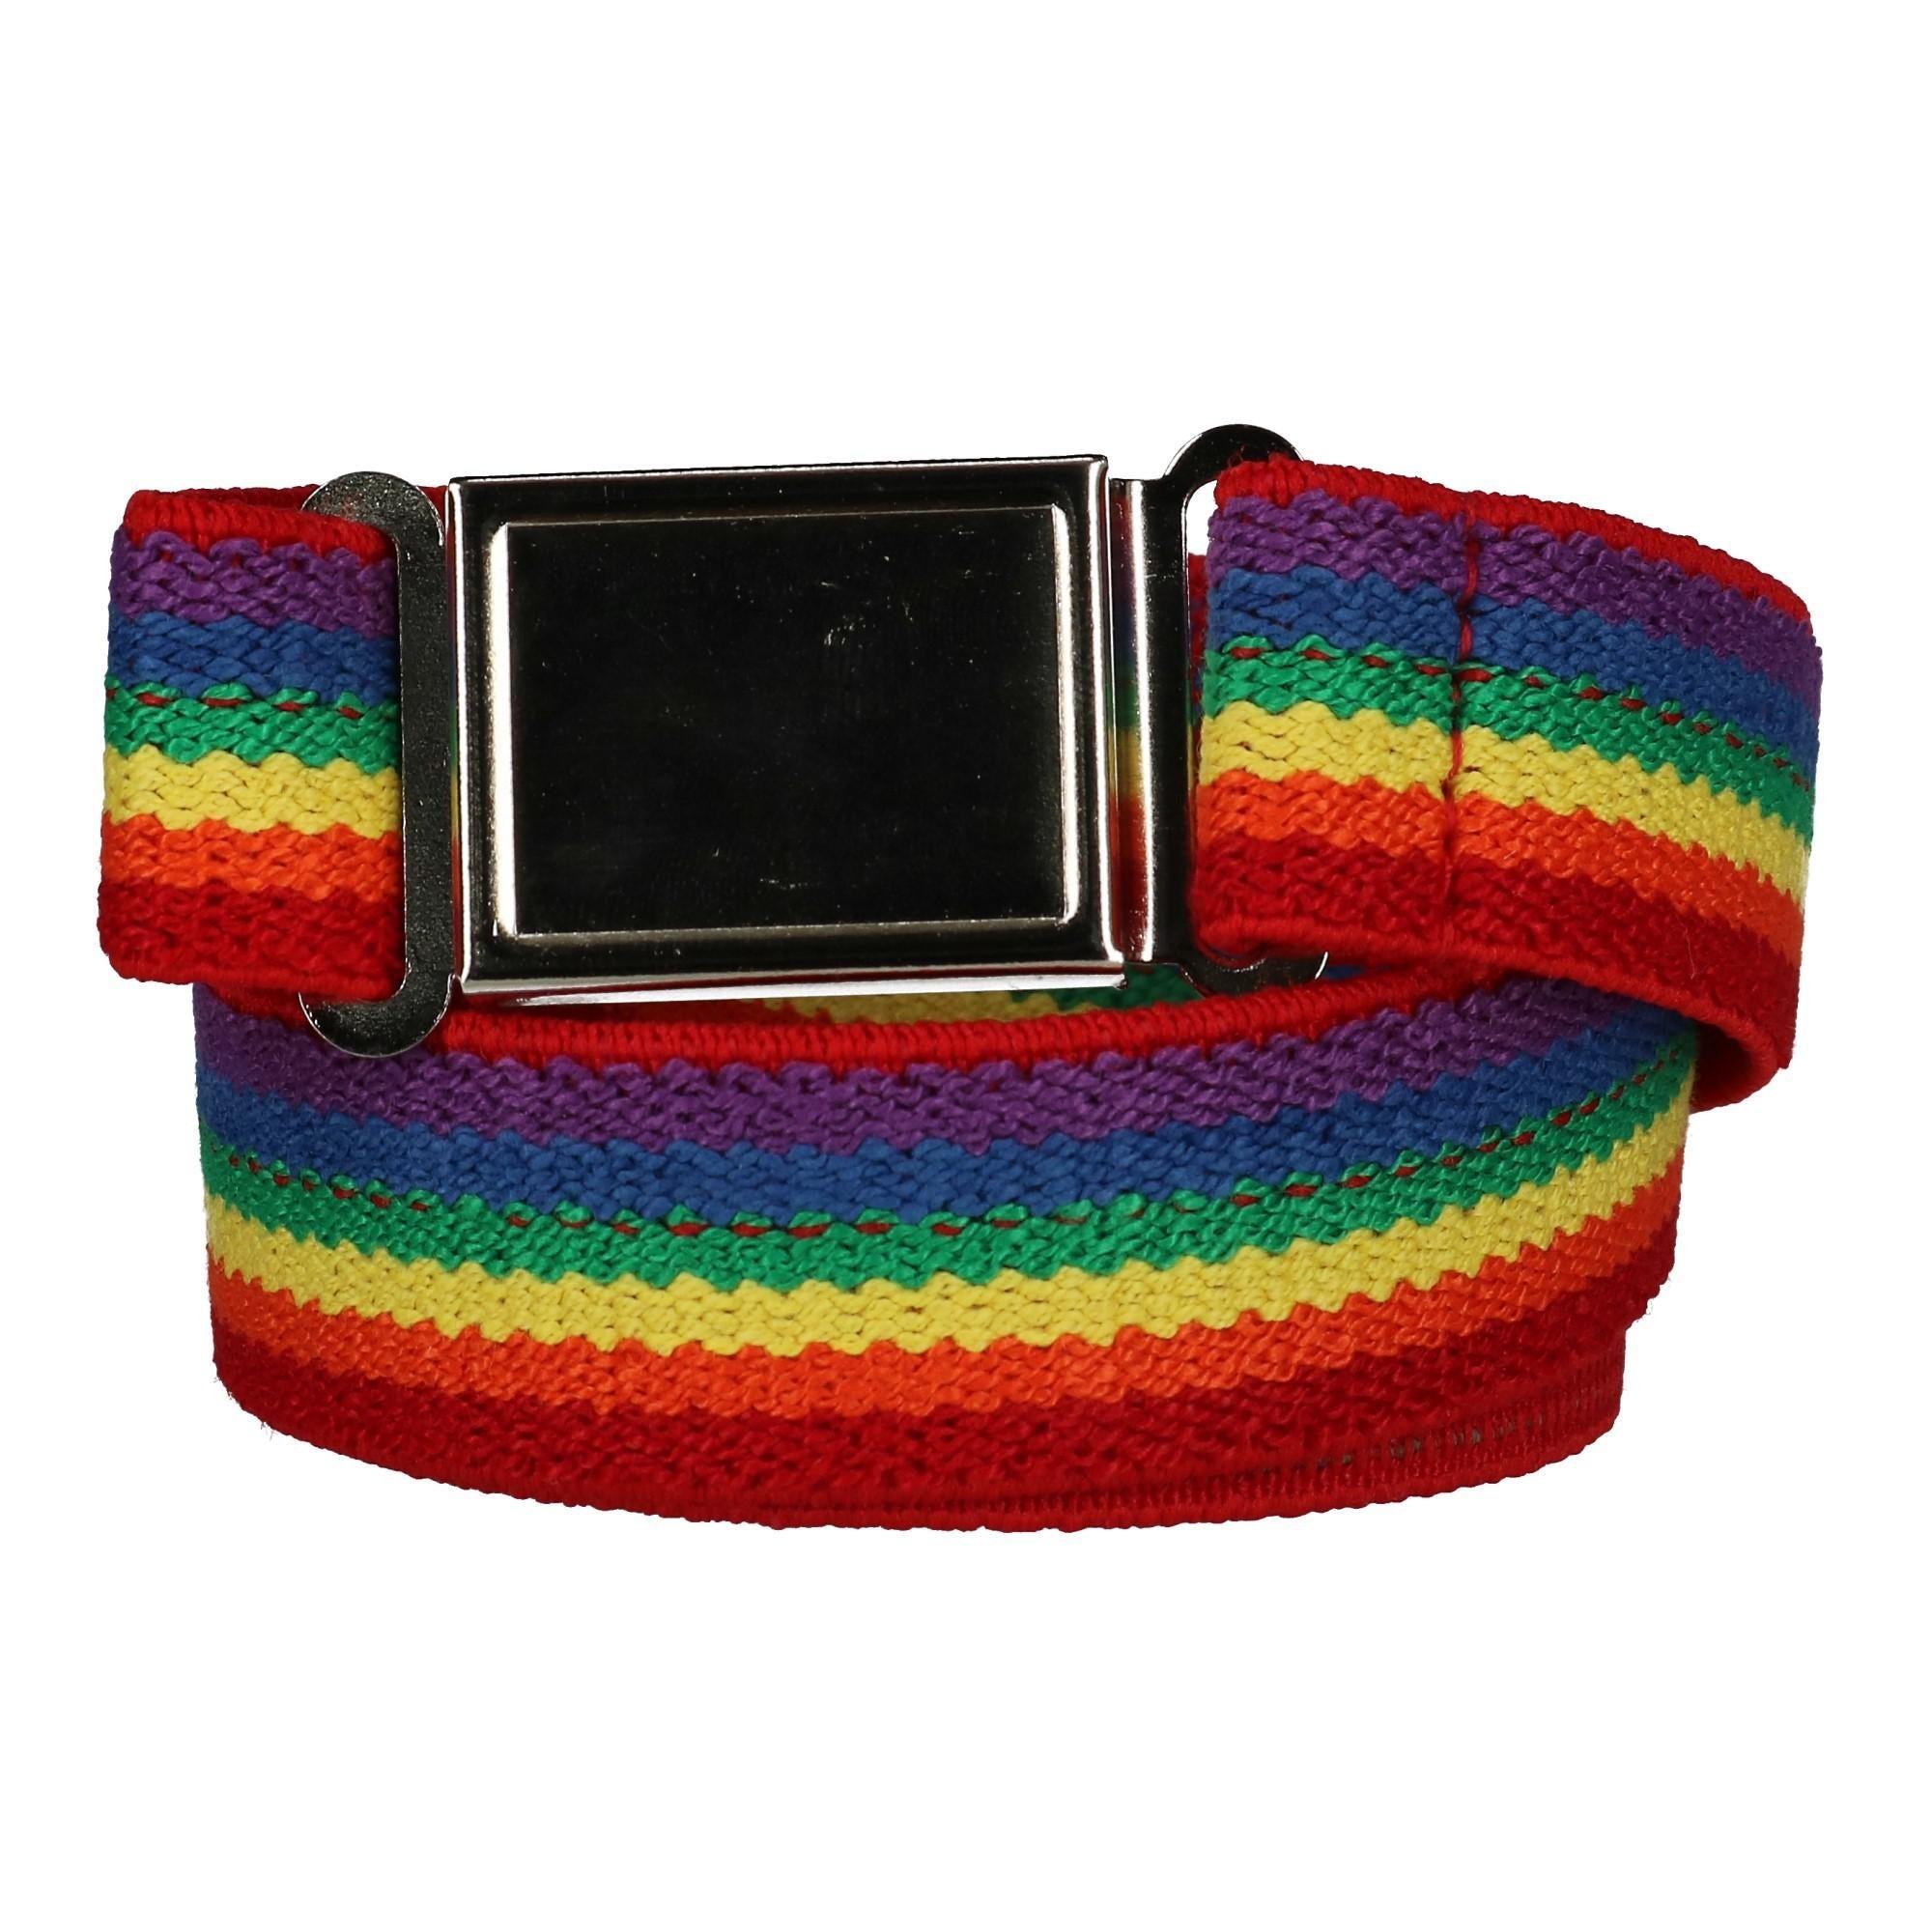 Denim CTM/® Kids Elastic Stretch Adjustable Belt with Magnetic Buckle